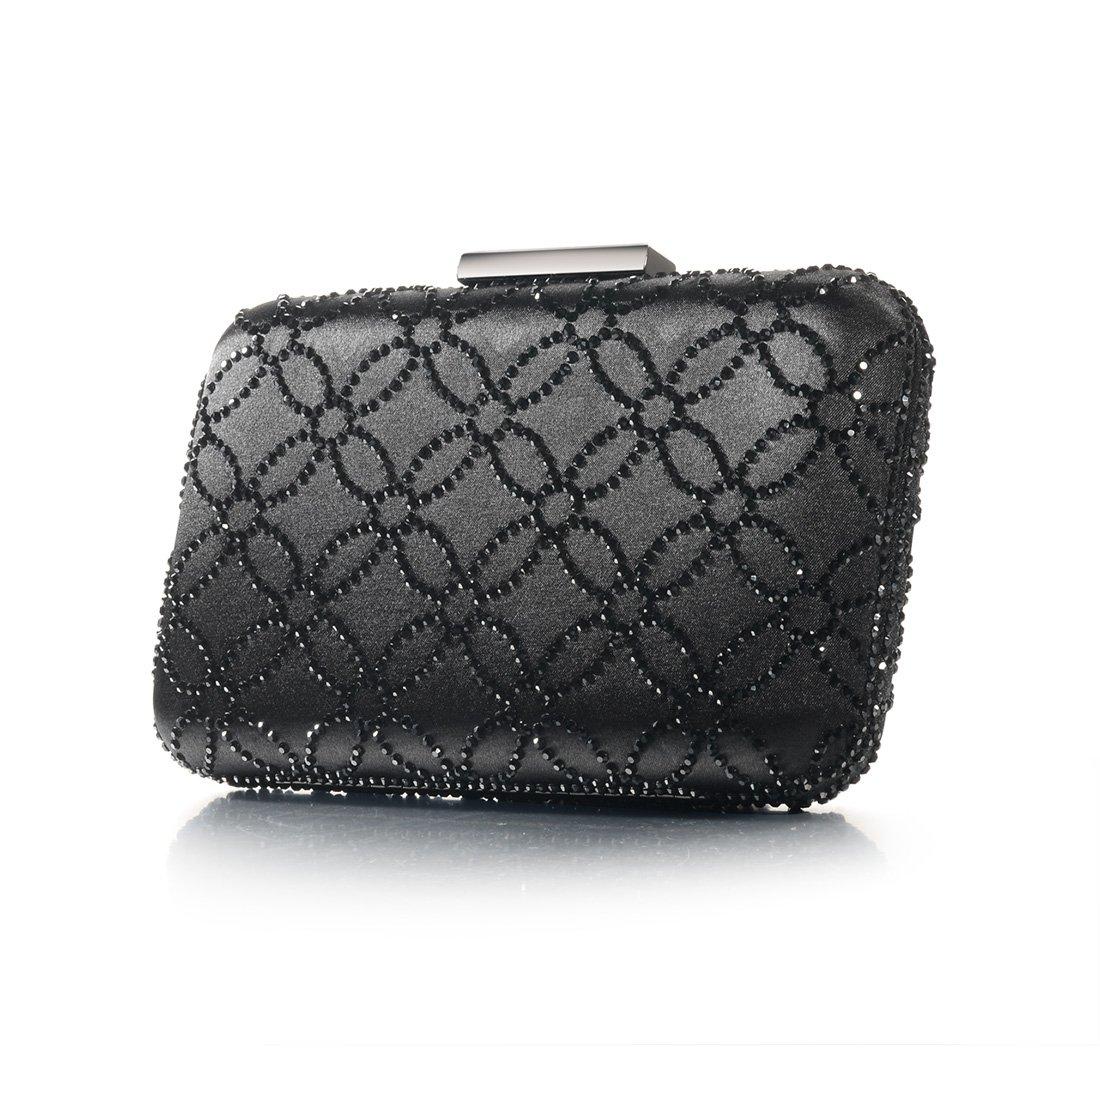 DMIX Kvinnor stor satin silke hård kuvertväska kristall aftonväska och handväskor Svart